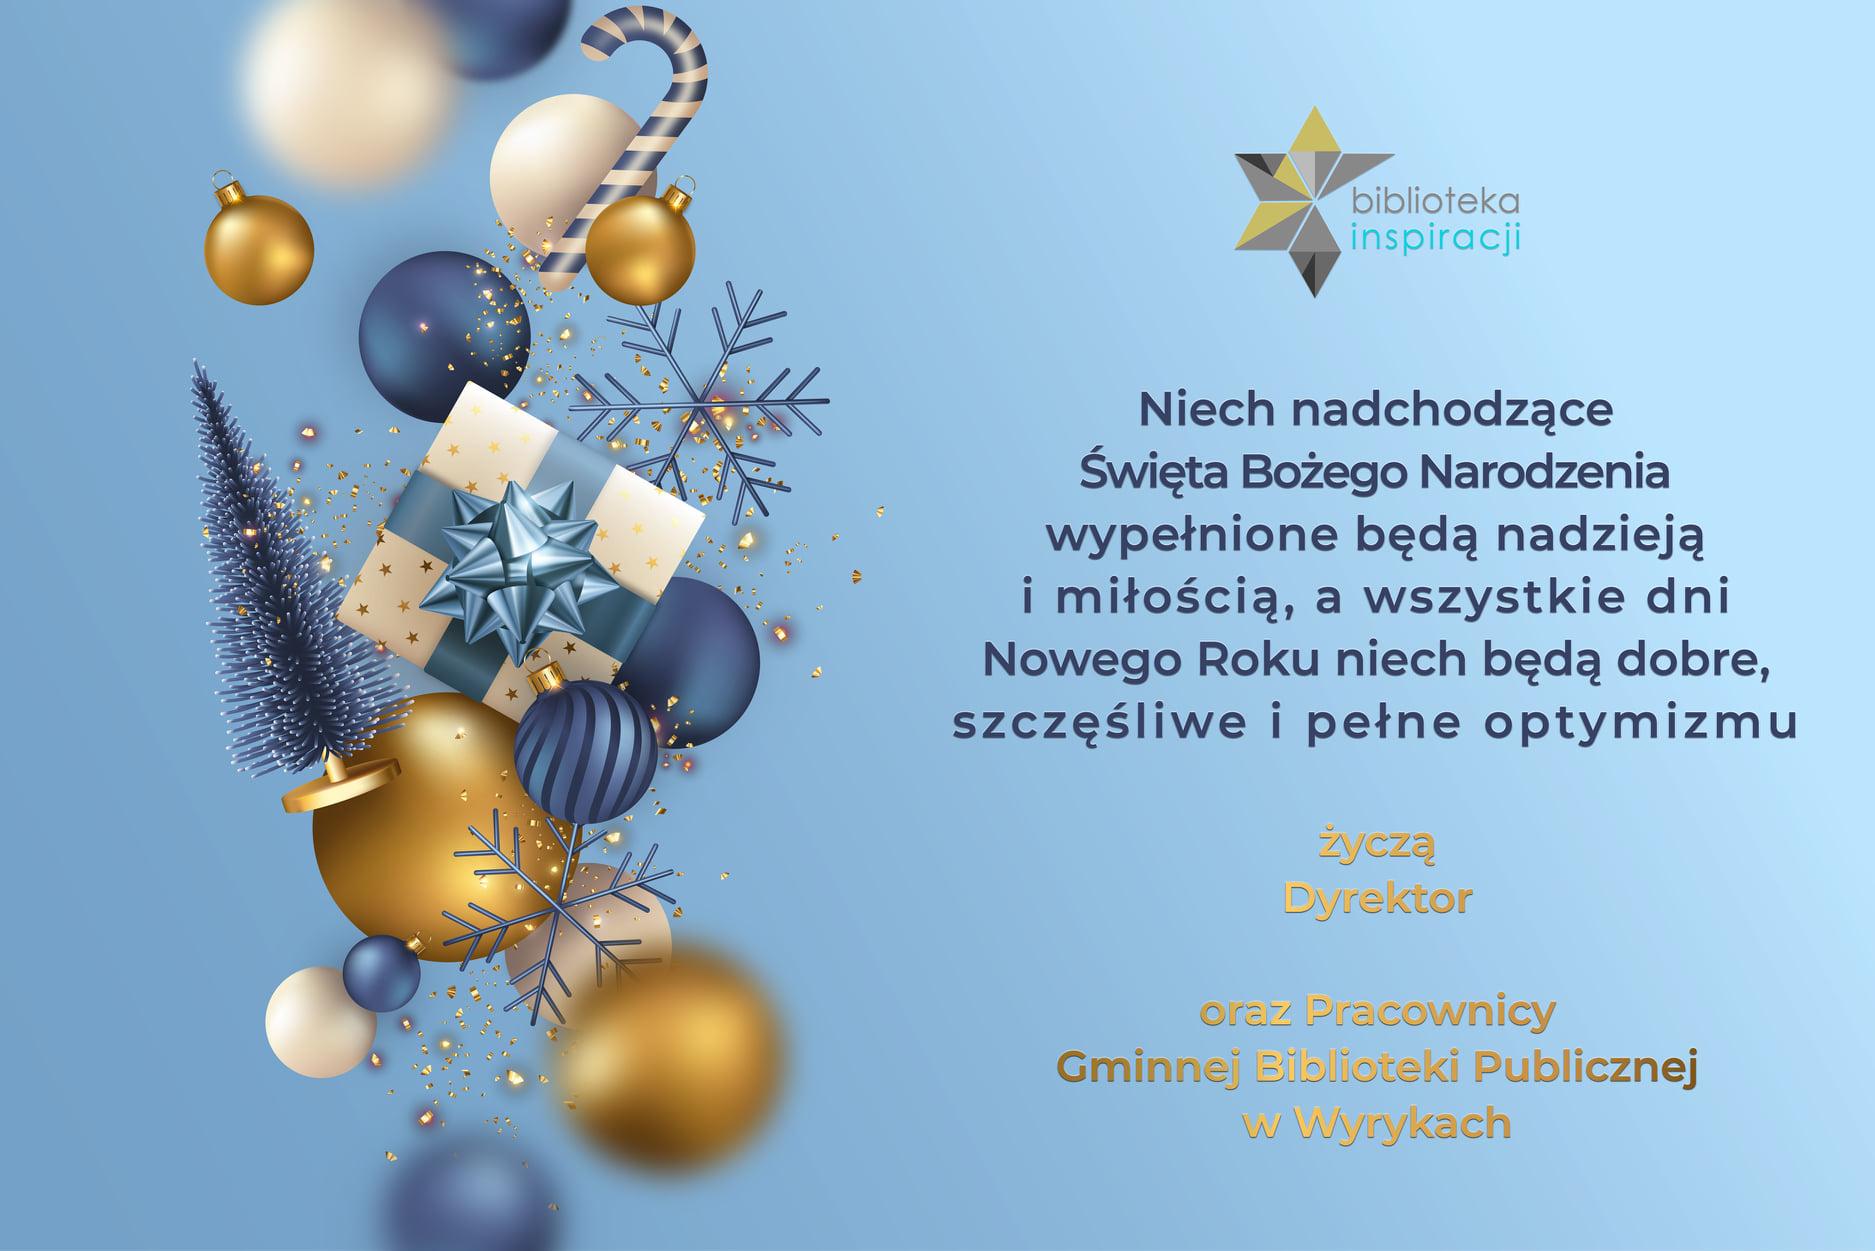 """Grafika przedstawiająca życzenia bożonarodzeniowe o treści """"Niech nadchodzące Święta Bożego Narodzenia wypełnione będą nadzieją i miłością, a wszystkie dni Nowego Roku niech będą dobre, szczęśliwe i pełne optymizmu życzą Dyrektor oraz Pracownicy GBP w Wyrykach"""""""